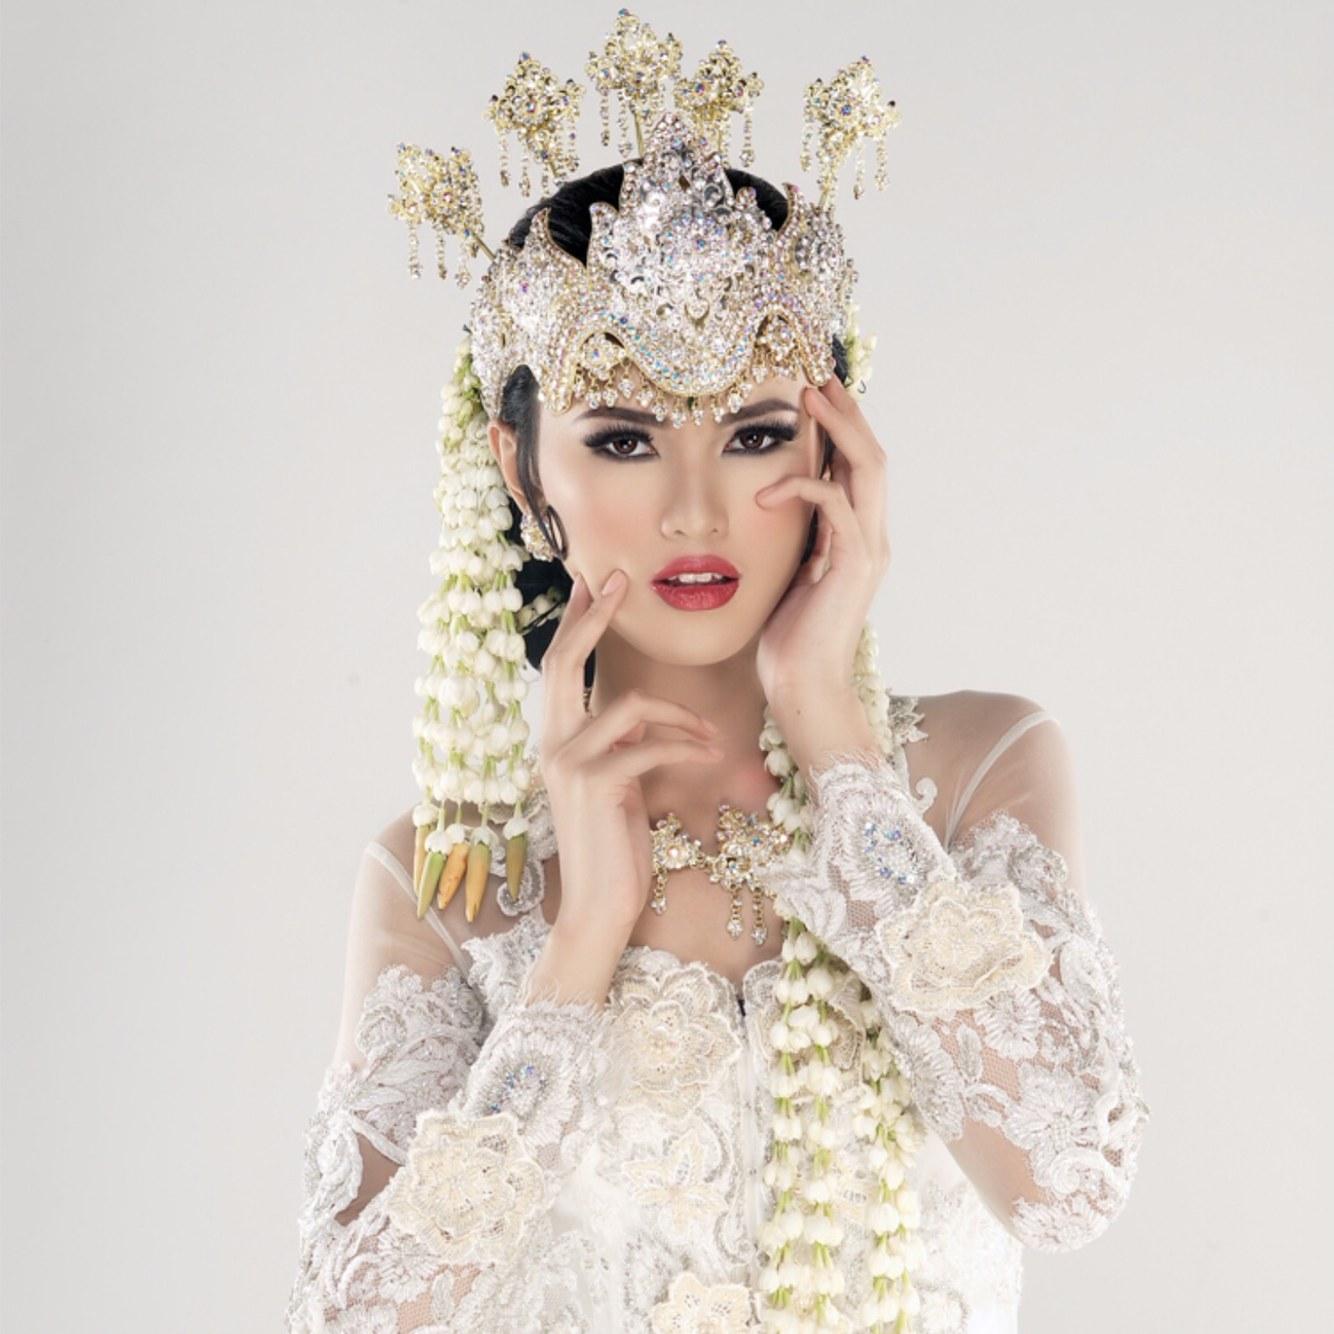 Ide Baju Pengantin Muslim Adat Sunda Kvdd Cantik Ini Dia Pakaian Pengantin Adat Sunda Yang Elegan